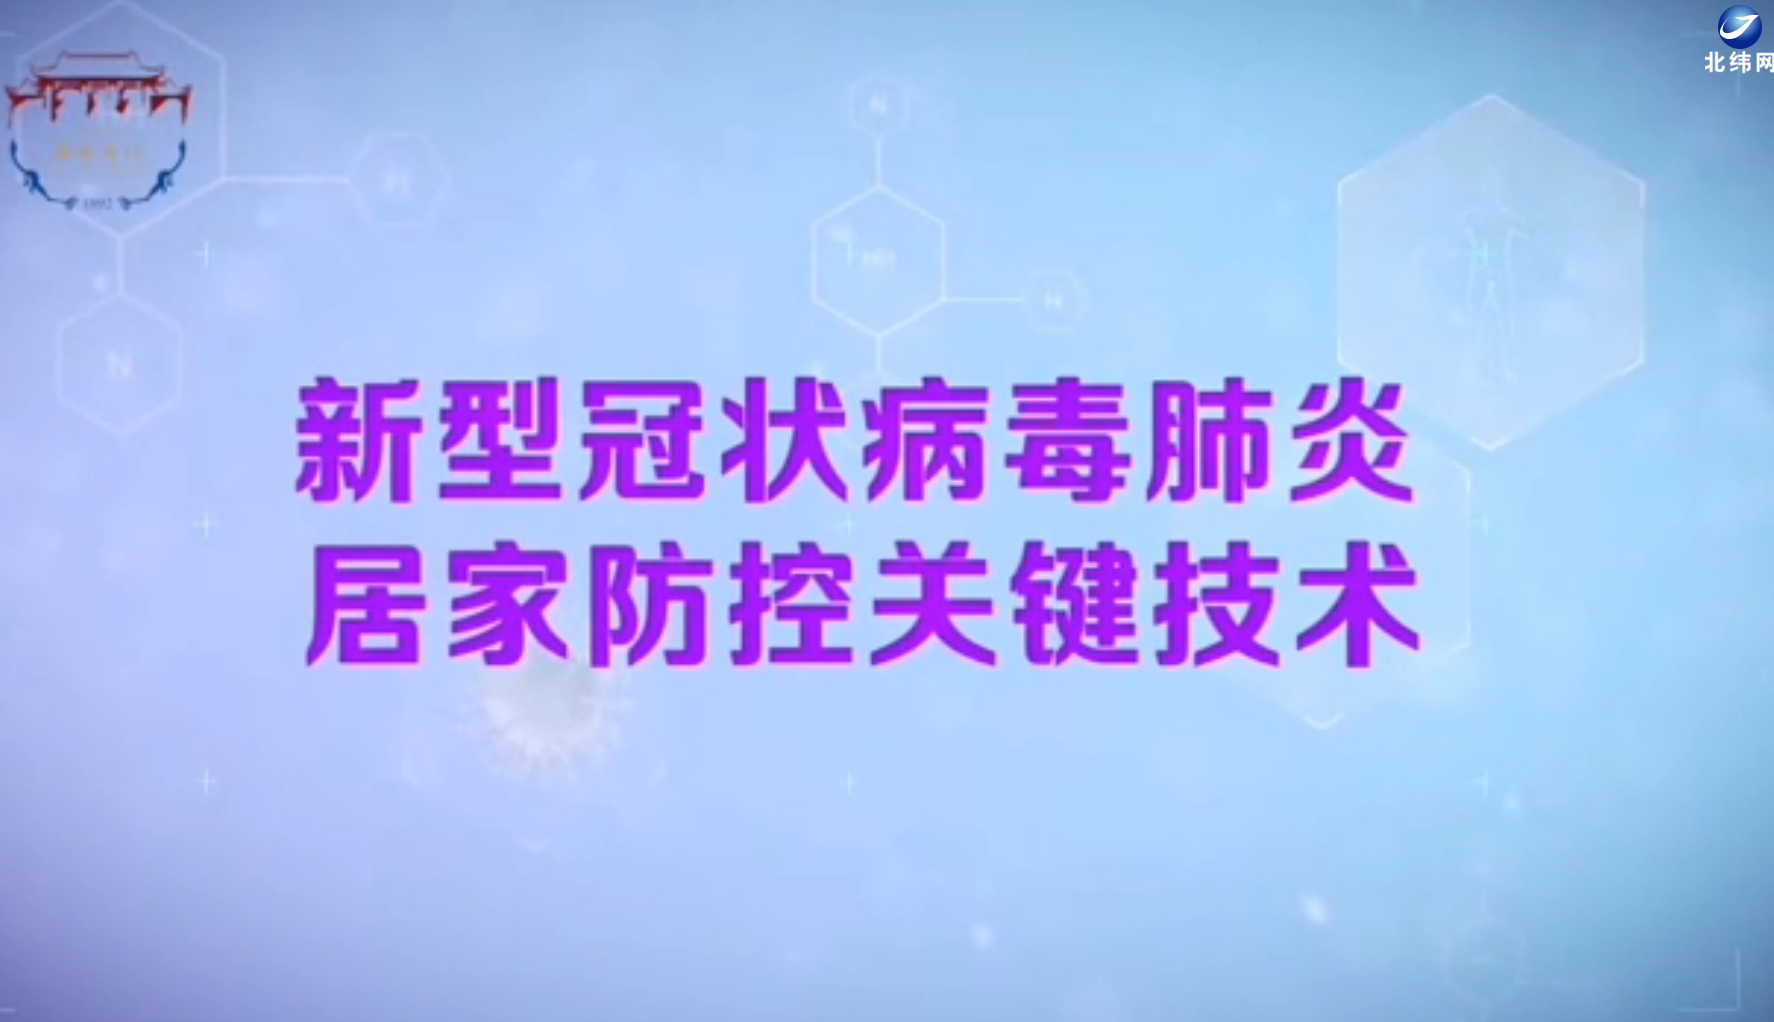 新型冠状病毒肺炎居家防控关键技术